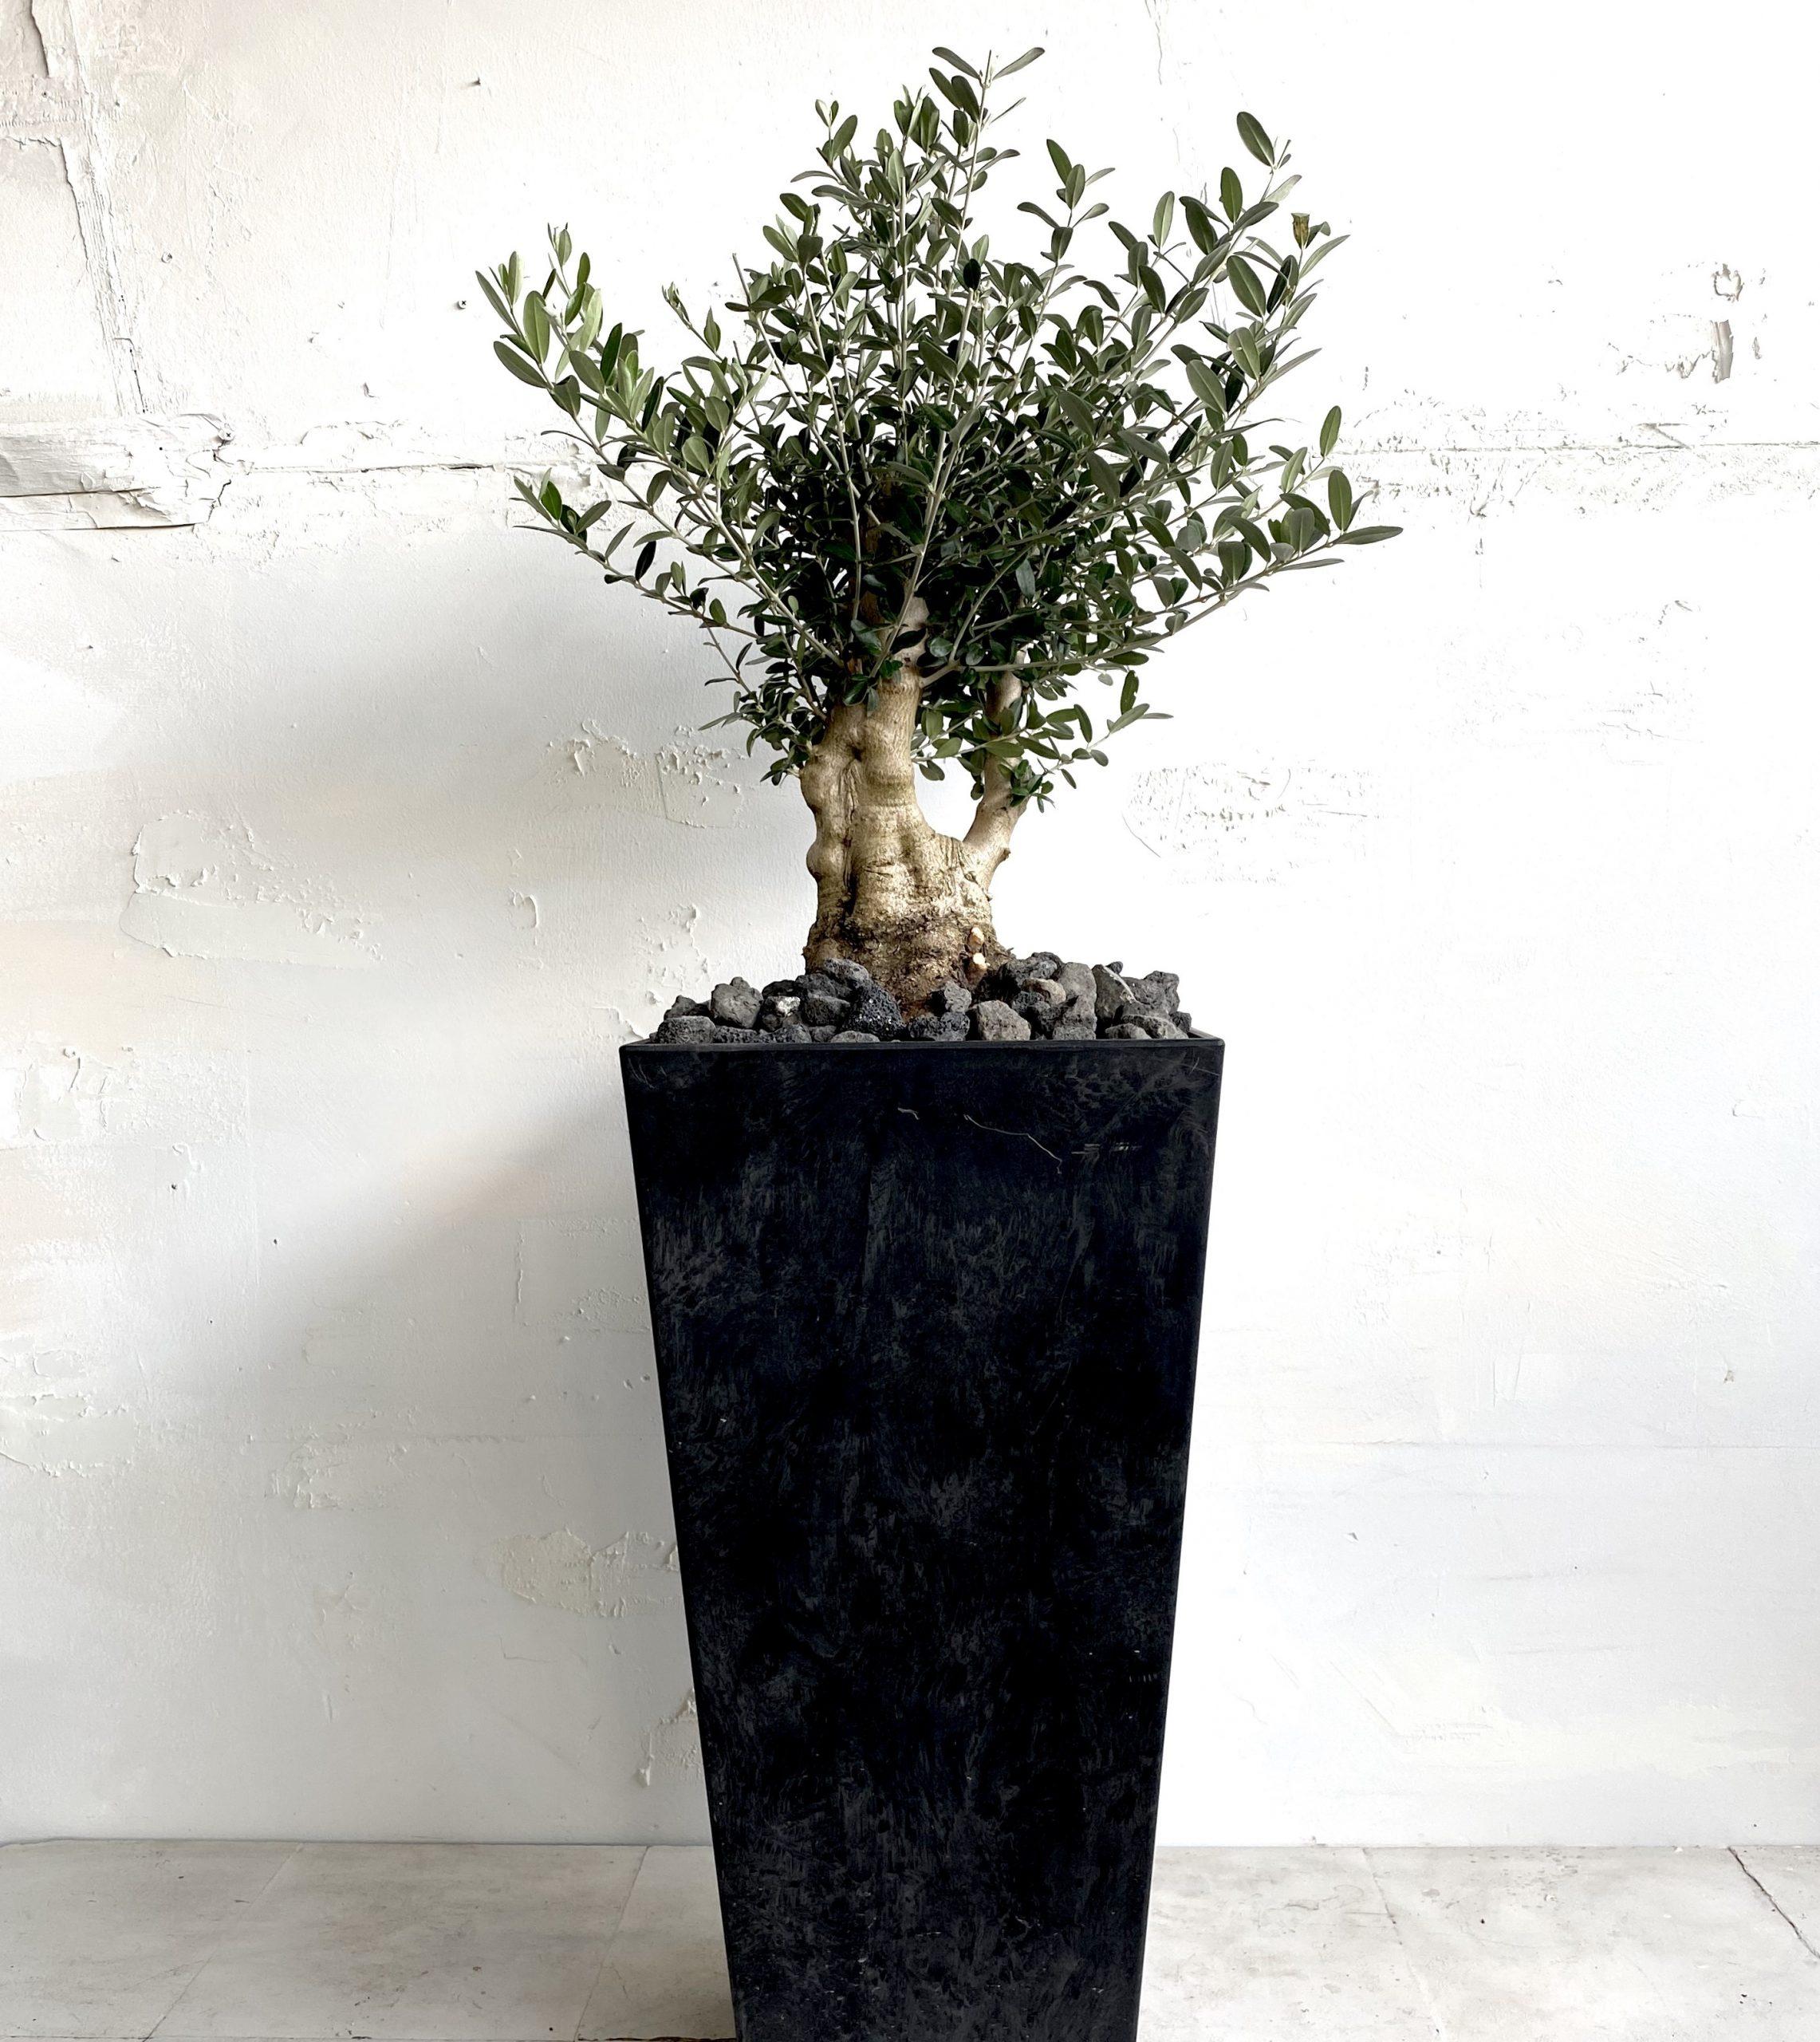 עץ זית בונזאי גדול למראה מפואר ואלגנטי למרפסת או לגינה